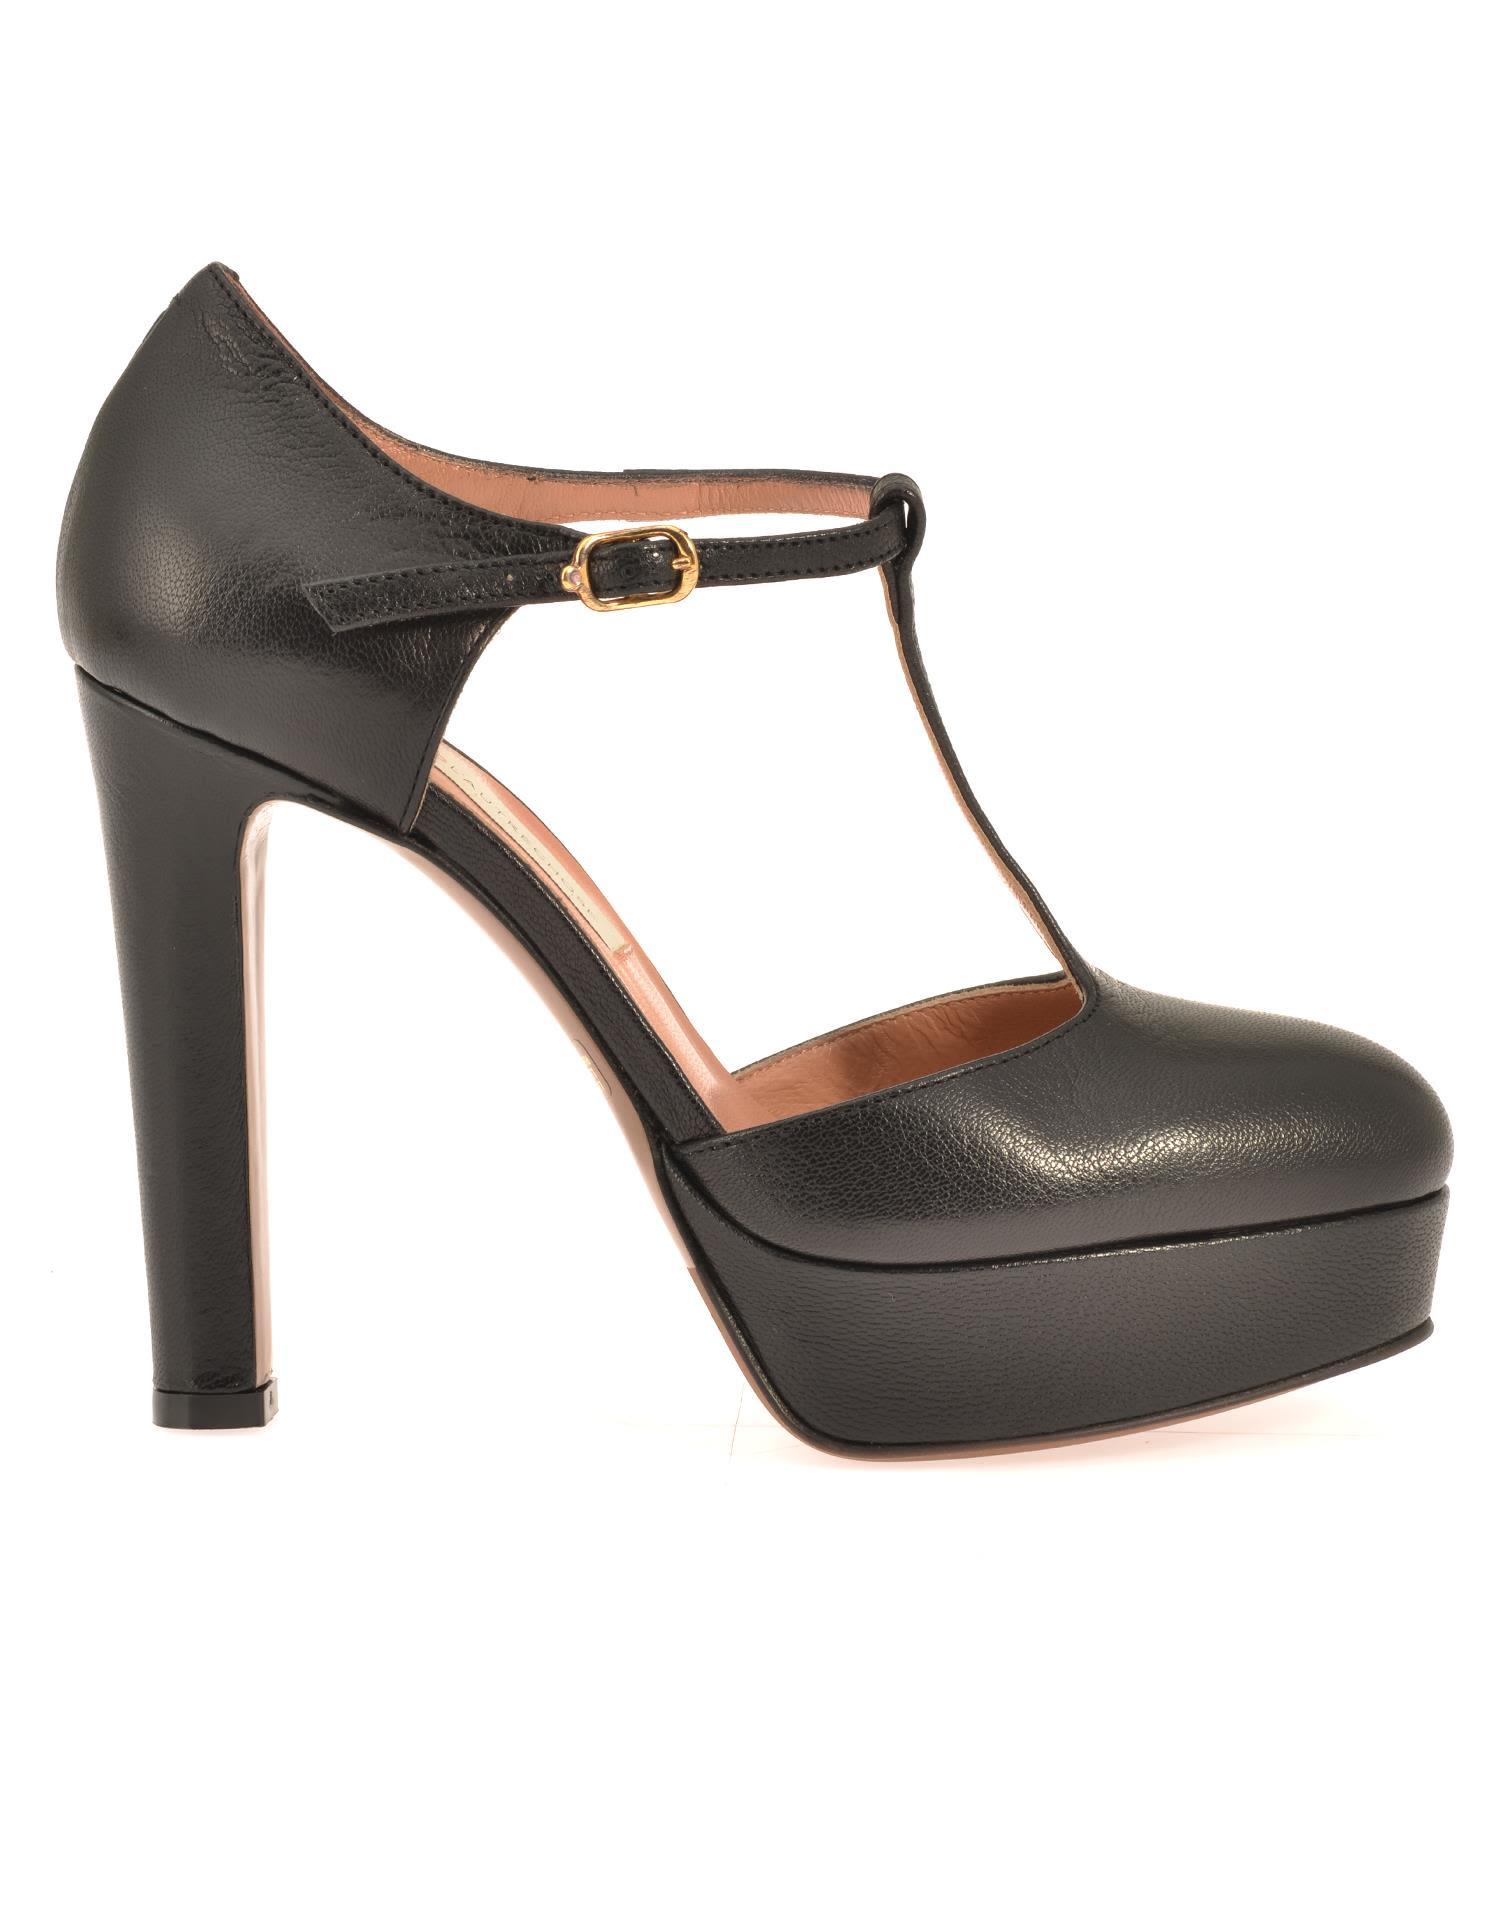 LAutre Chose T-strap Shoe